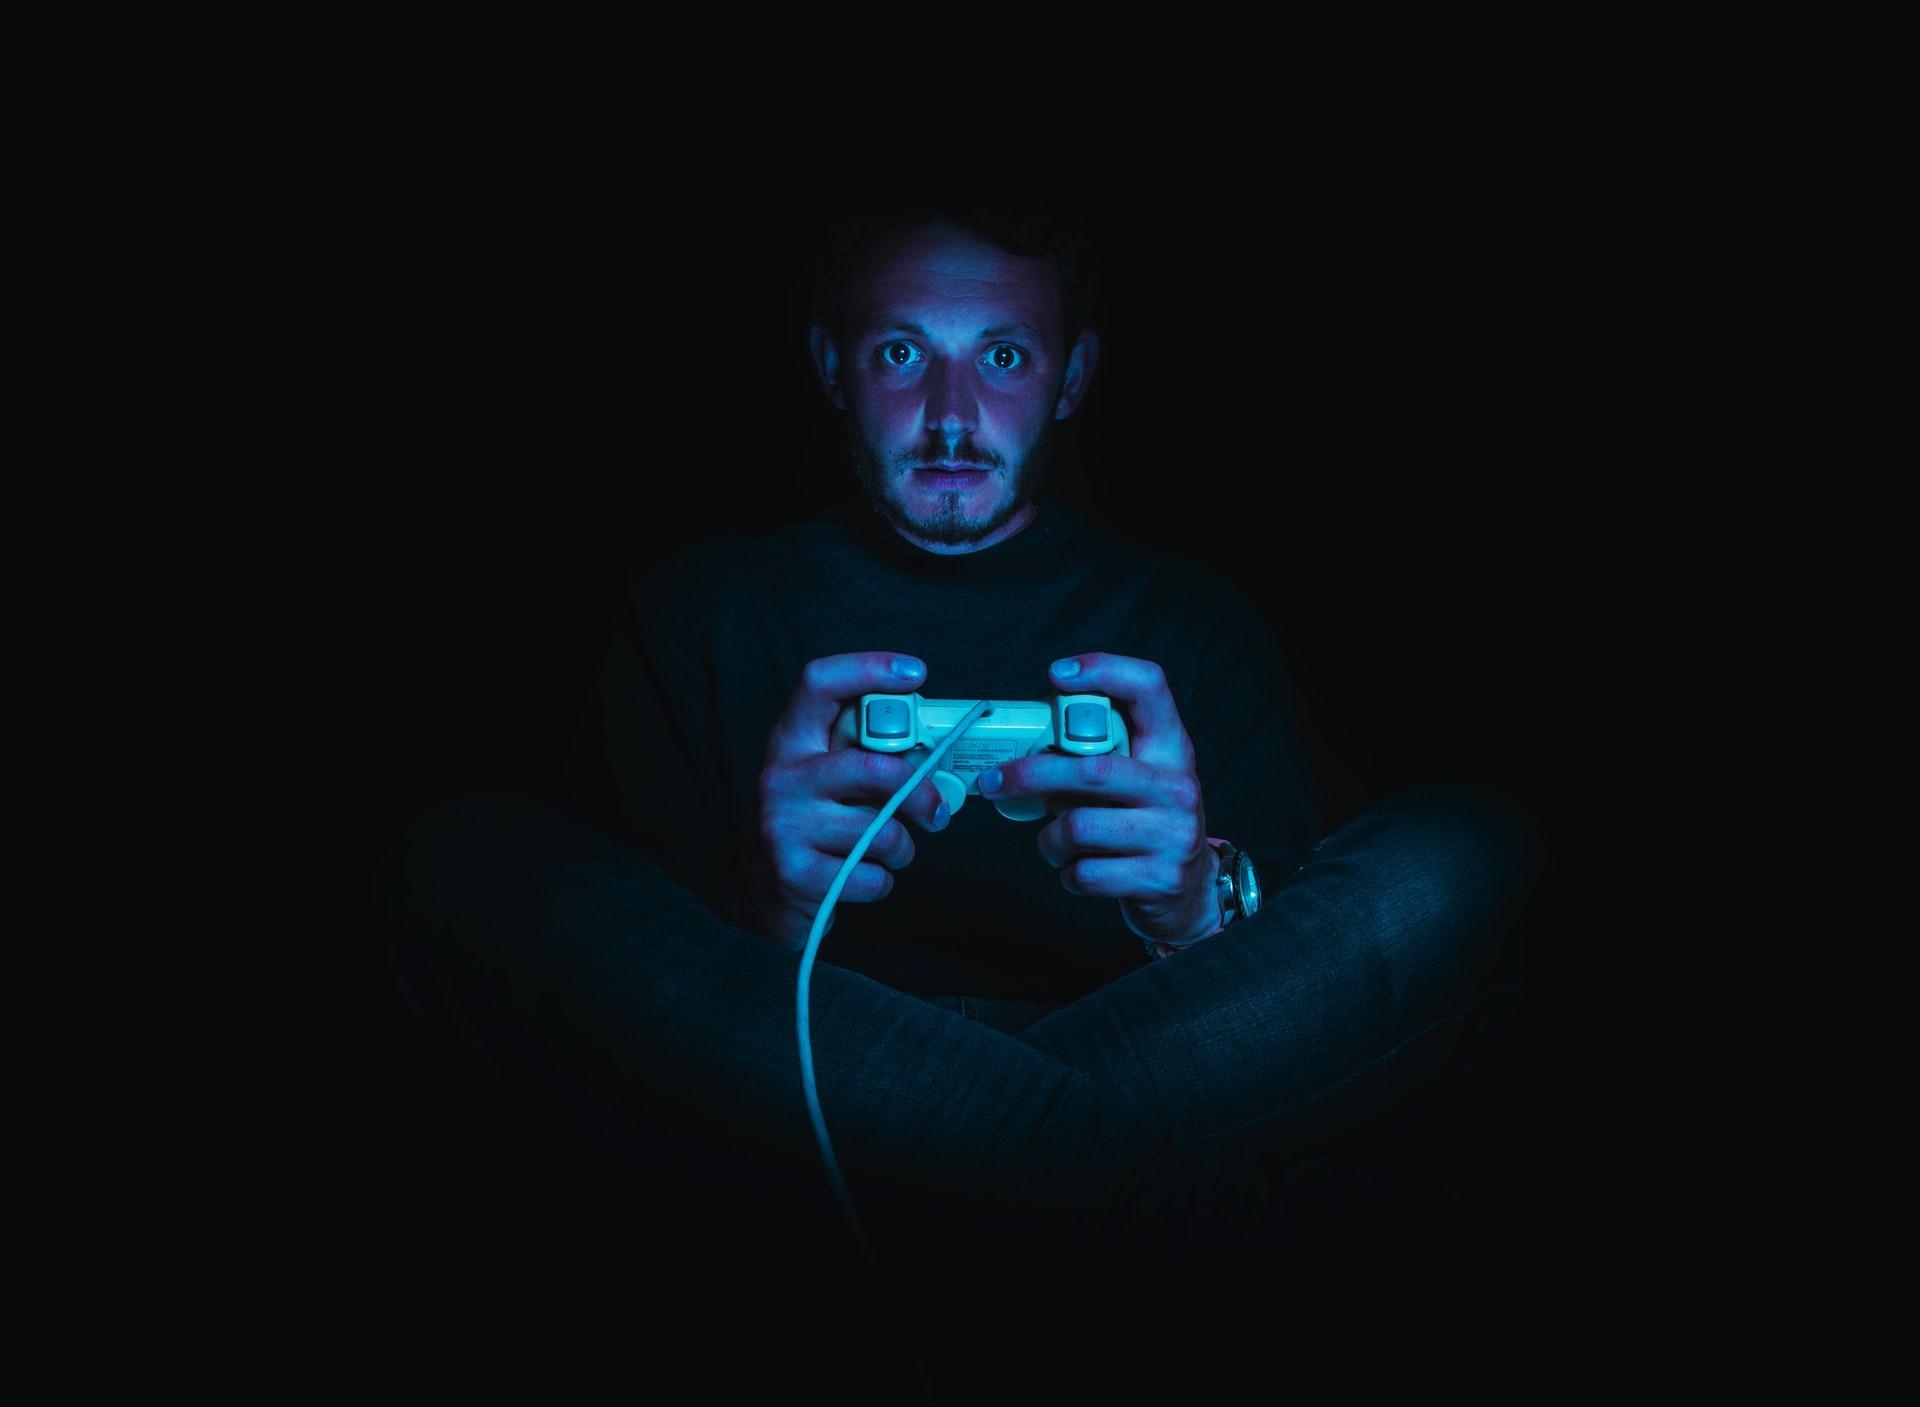 Évente 912 órával alszanak kevesebbet a gamerek